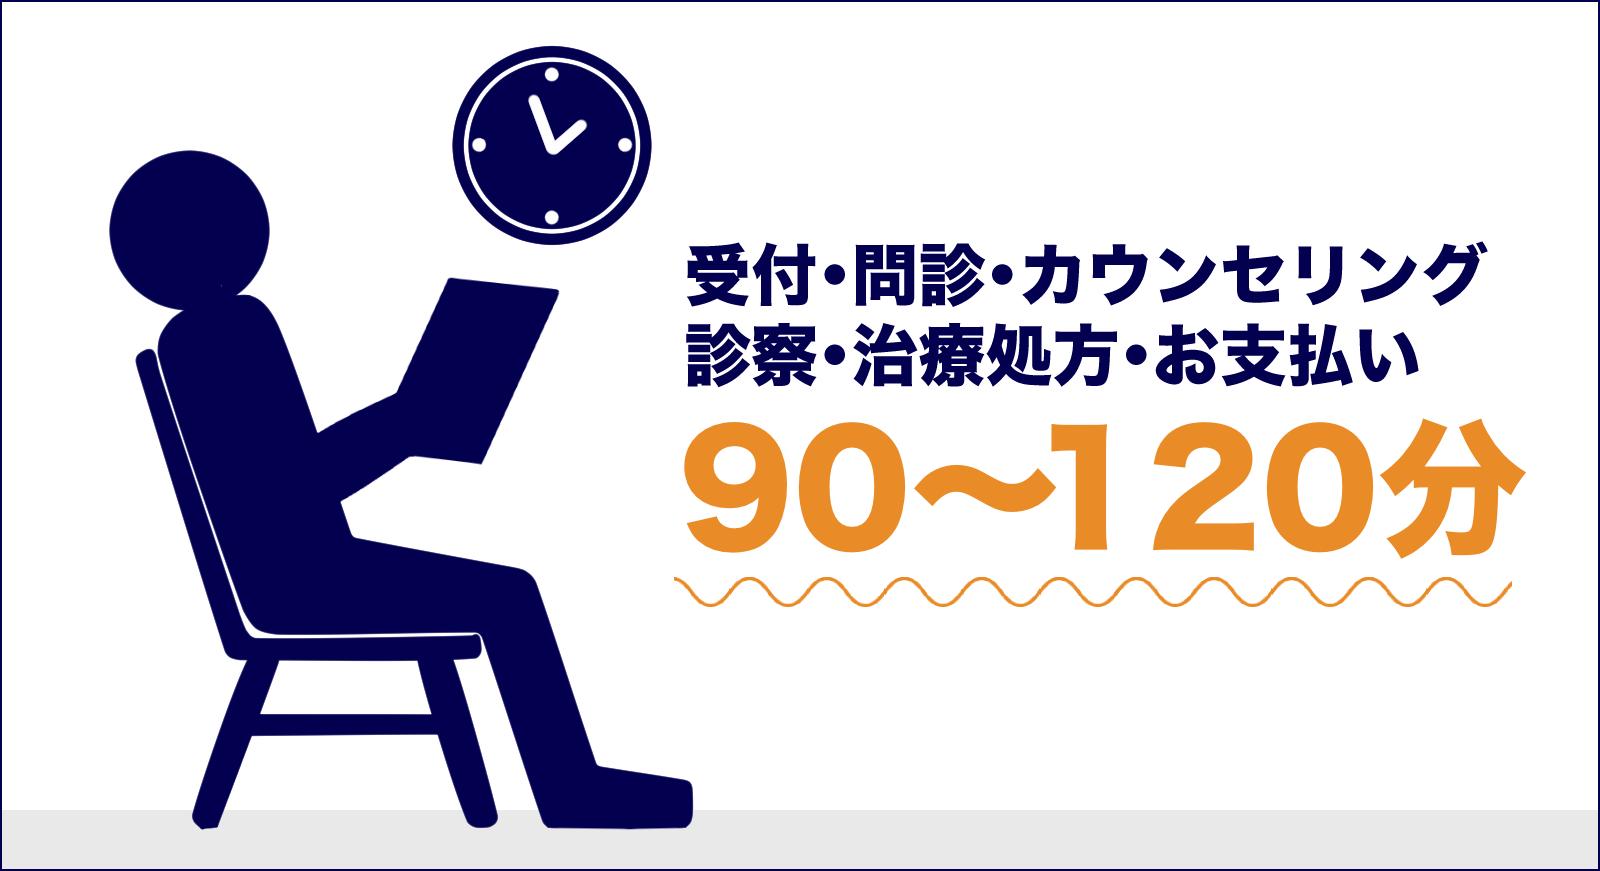 AGAの診療時間は約90~120分(受付からお支払いまで)。